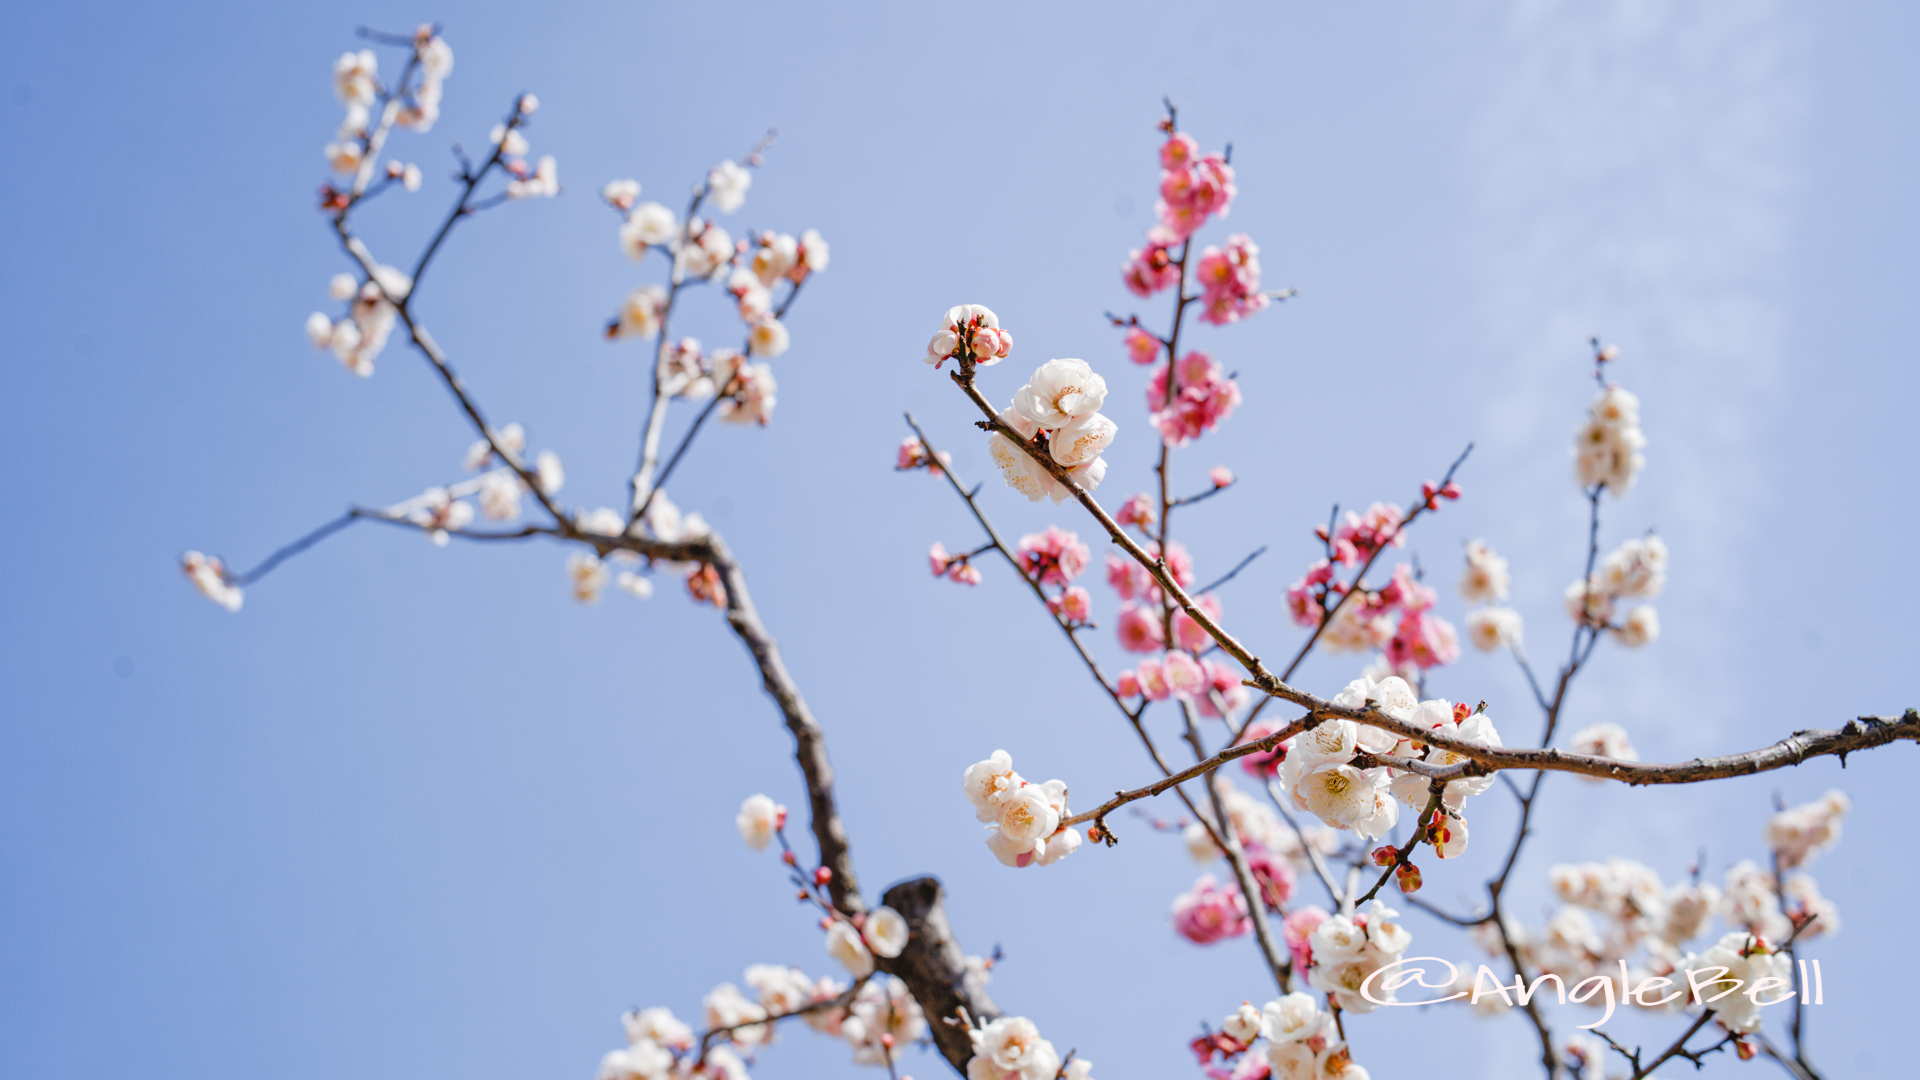 思いのまま粧 (梅) Flower Photo2020_1